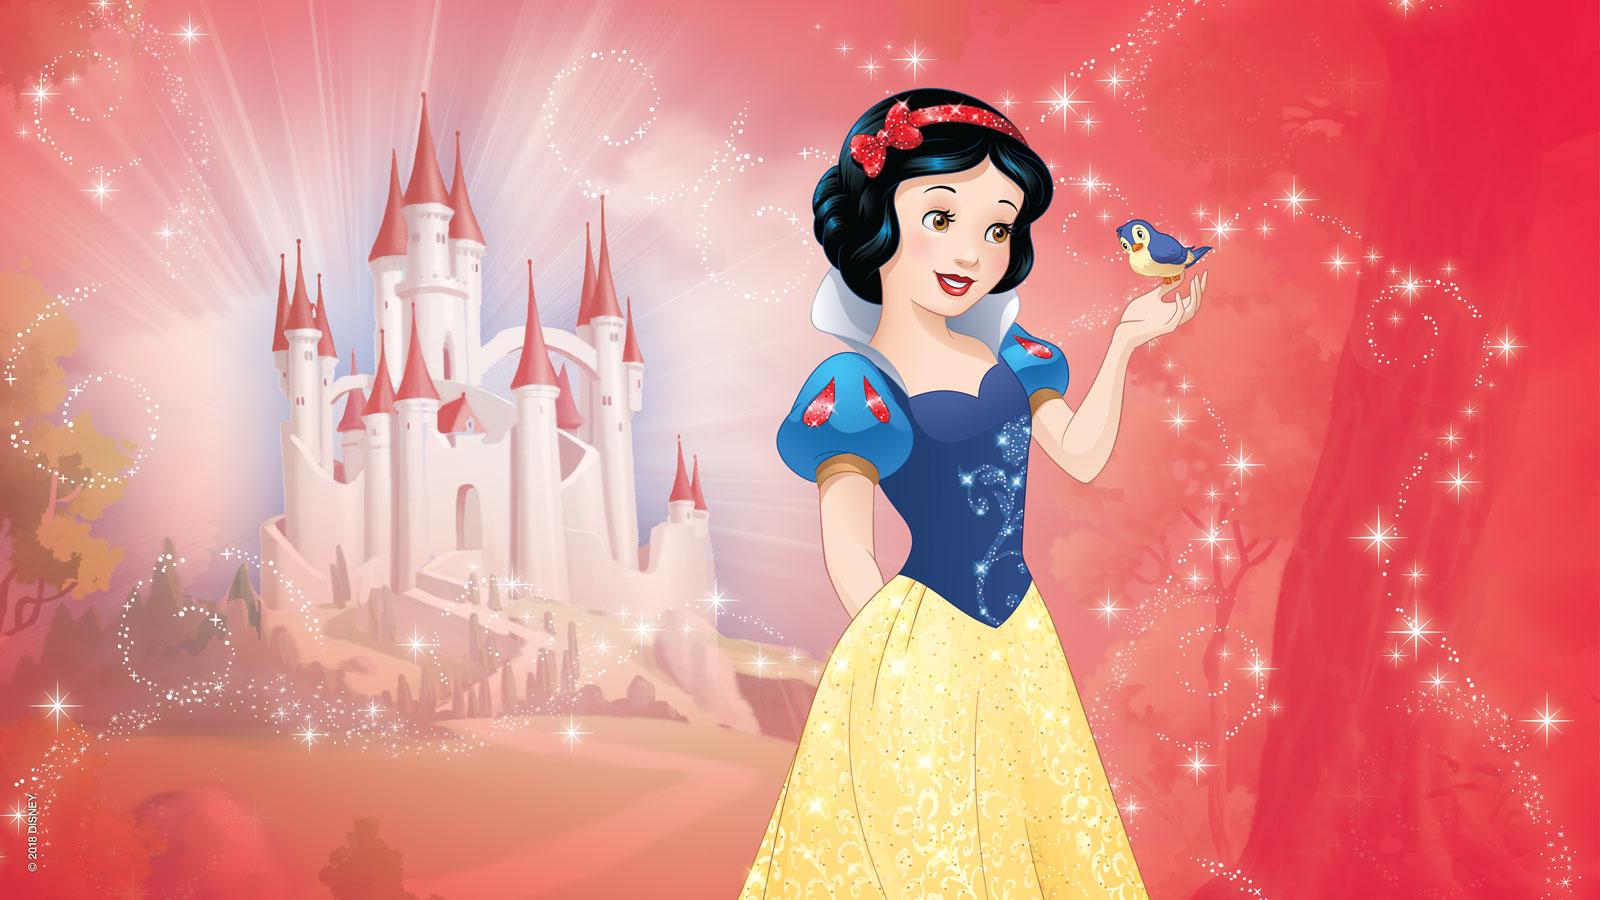 Princesses disney famigros - Image de princesse disney ...